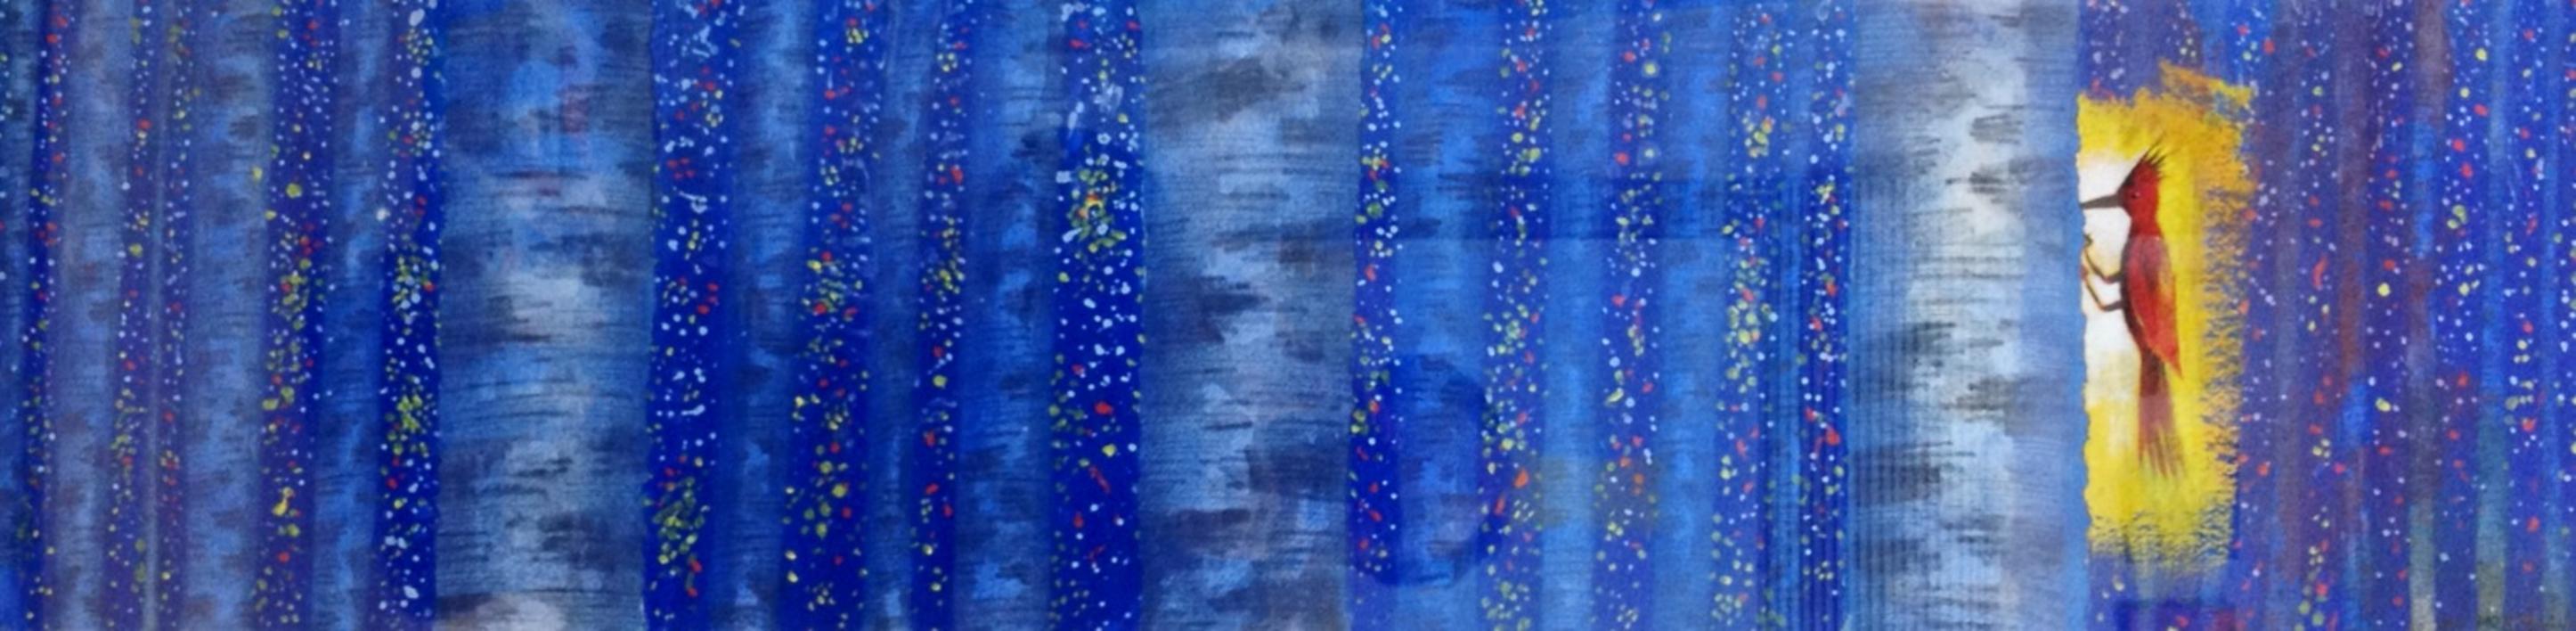 Esta mañana en el bosque a las 6 |Pintura de El Hortelano | Compra arte en Flecha.es